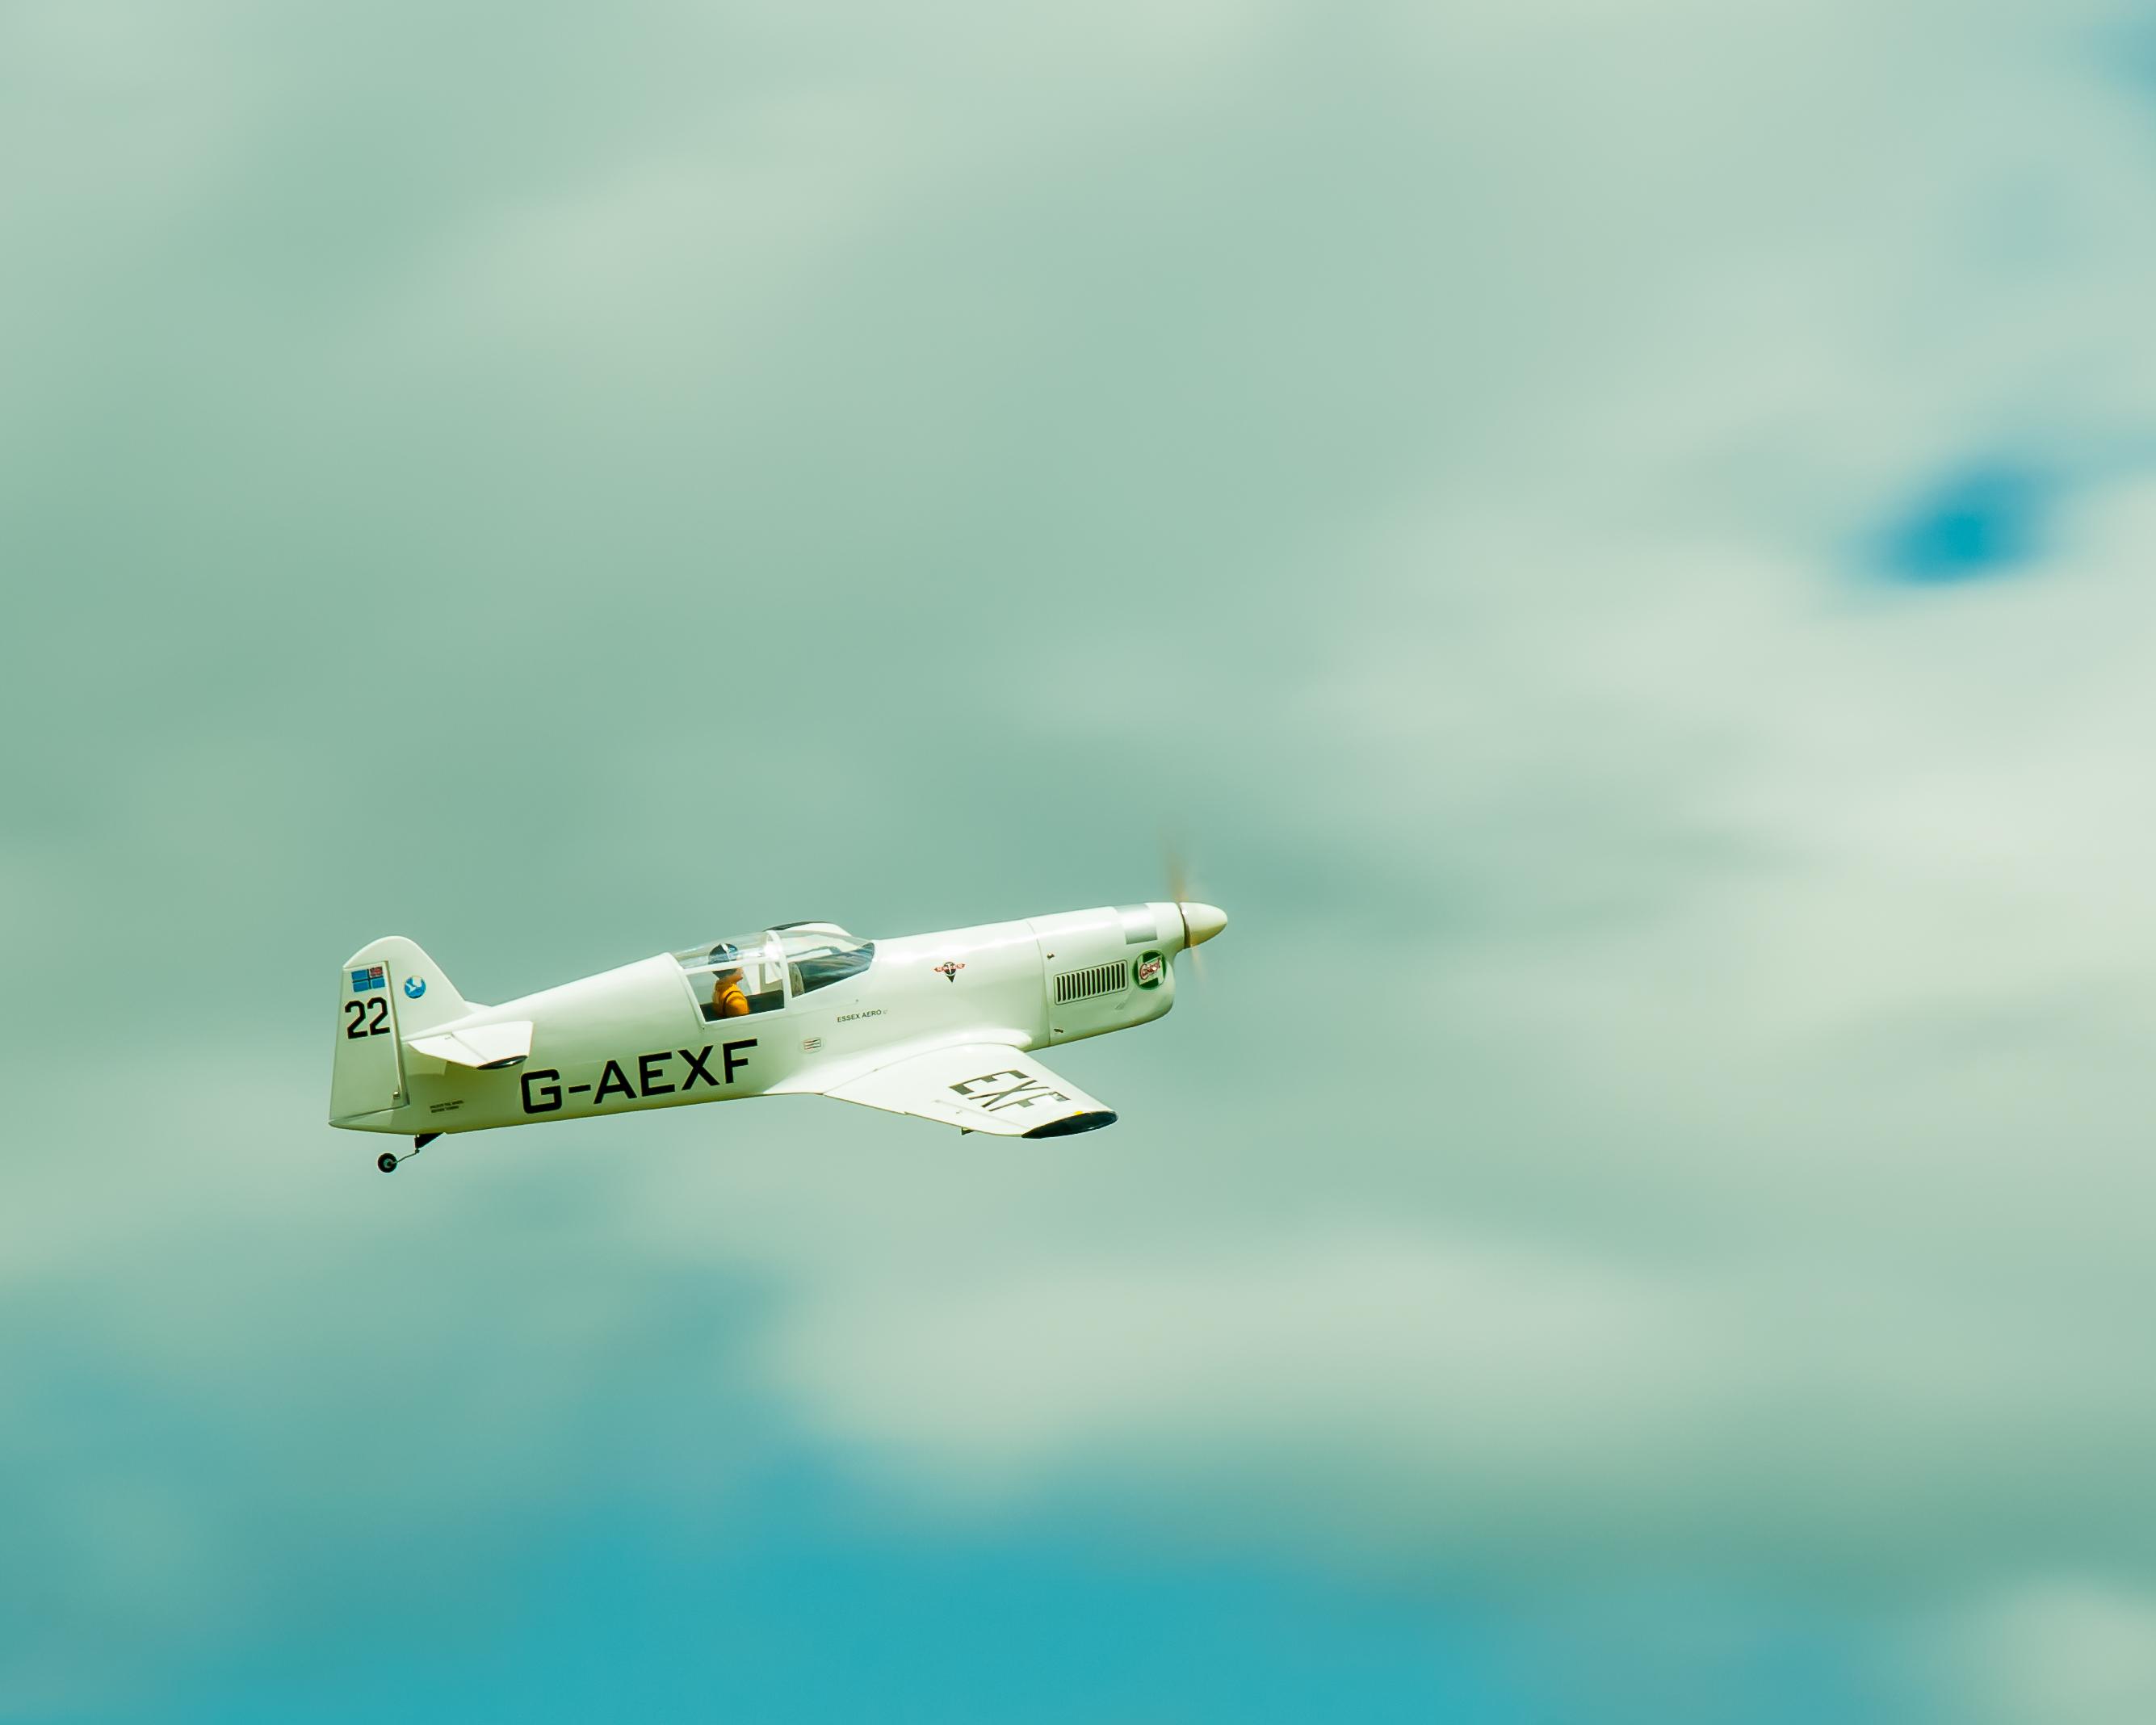 # - 570 - G-AEXF